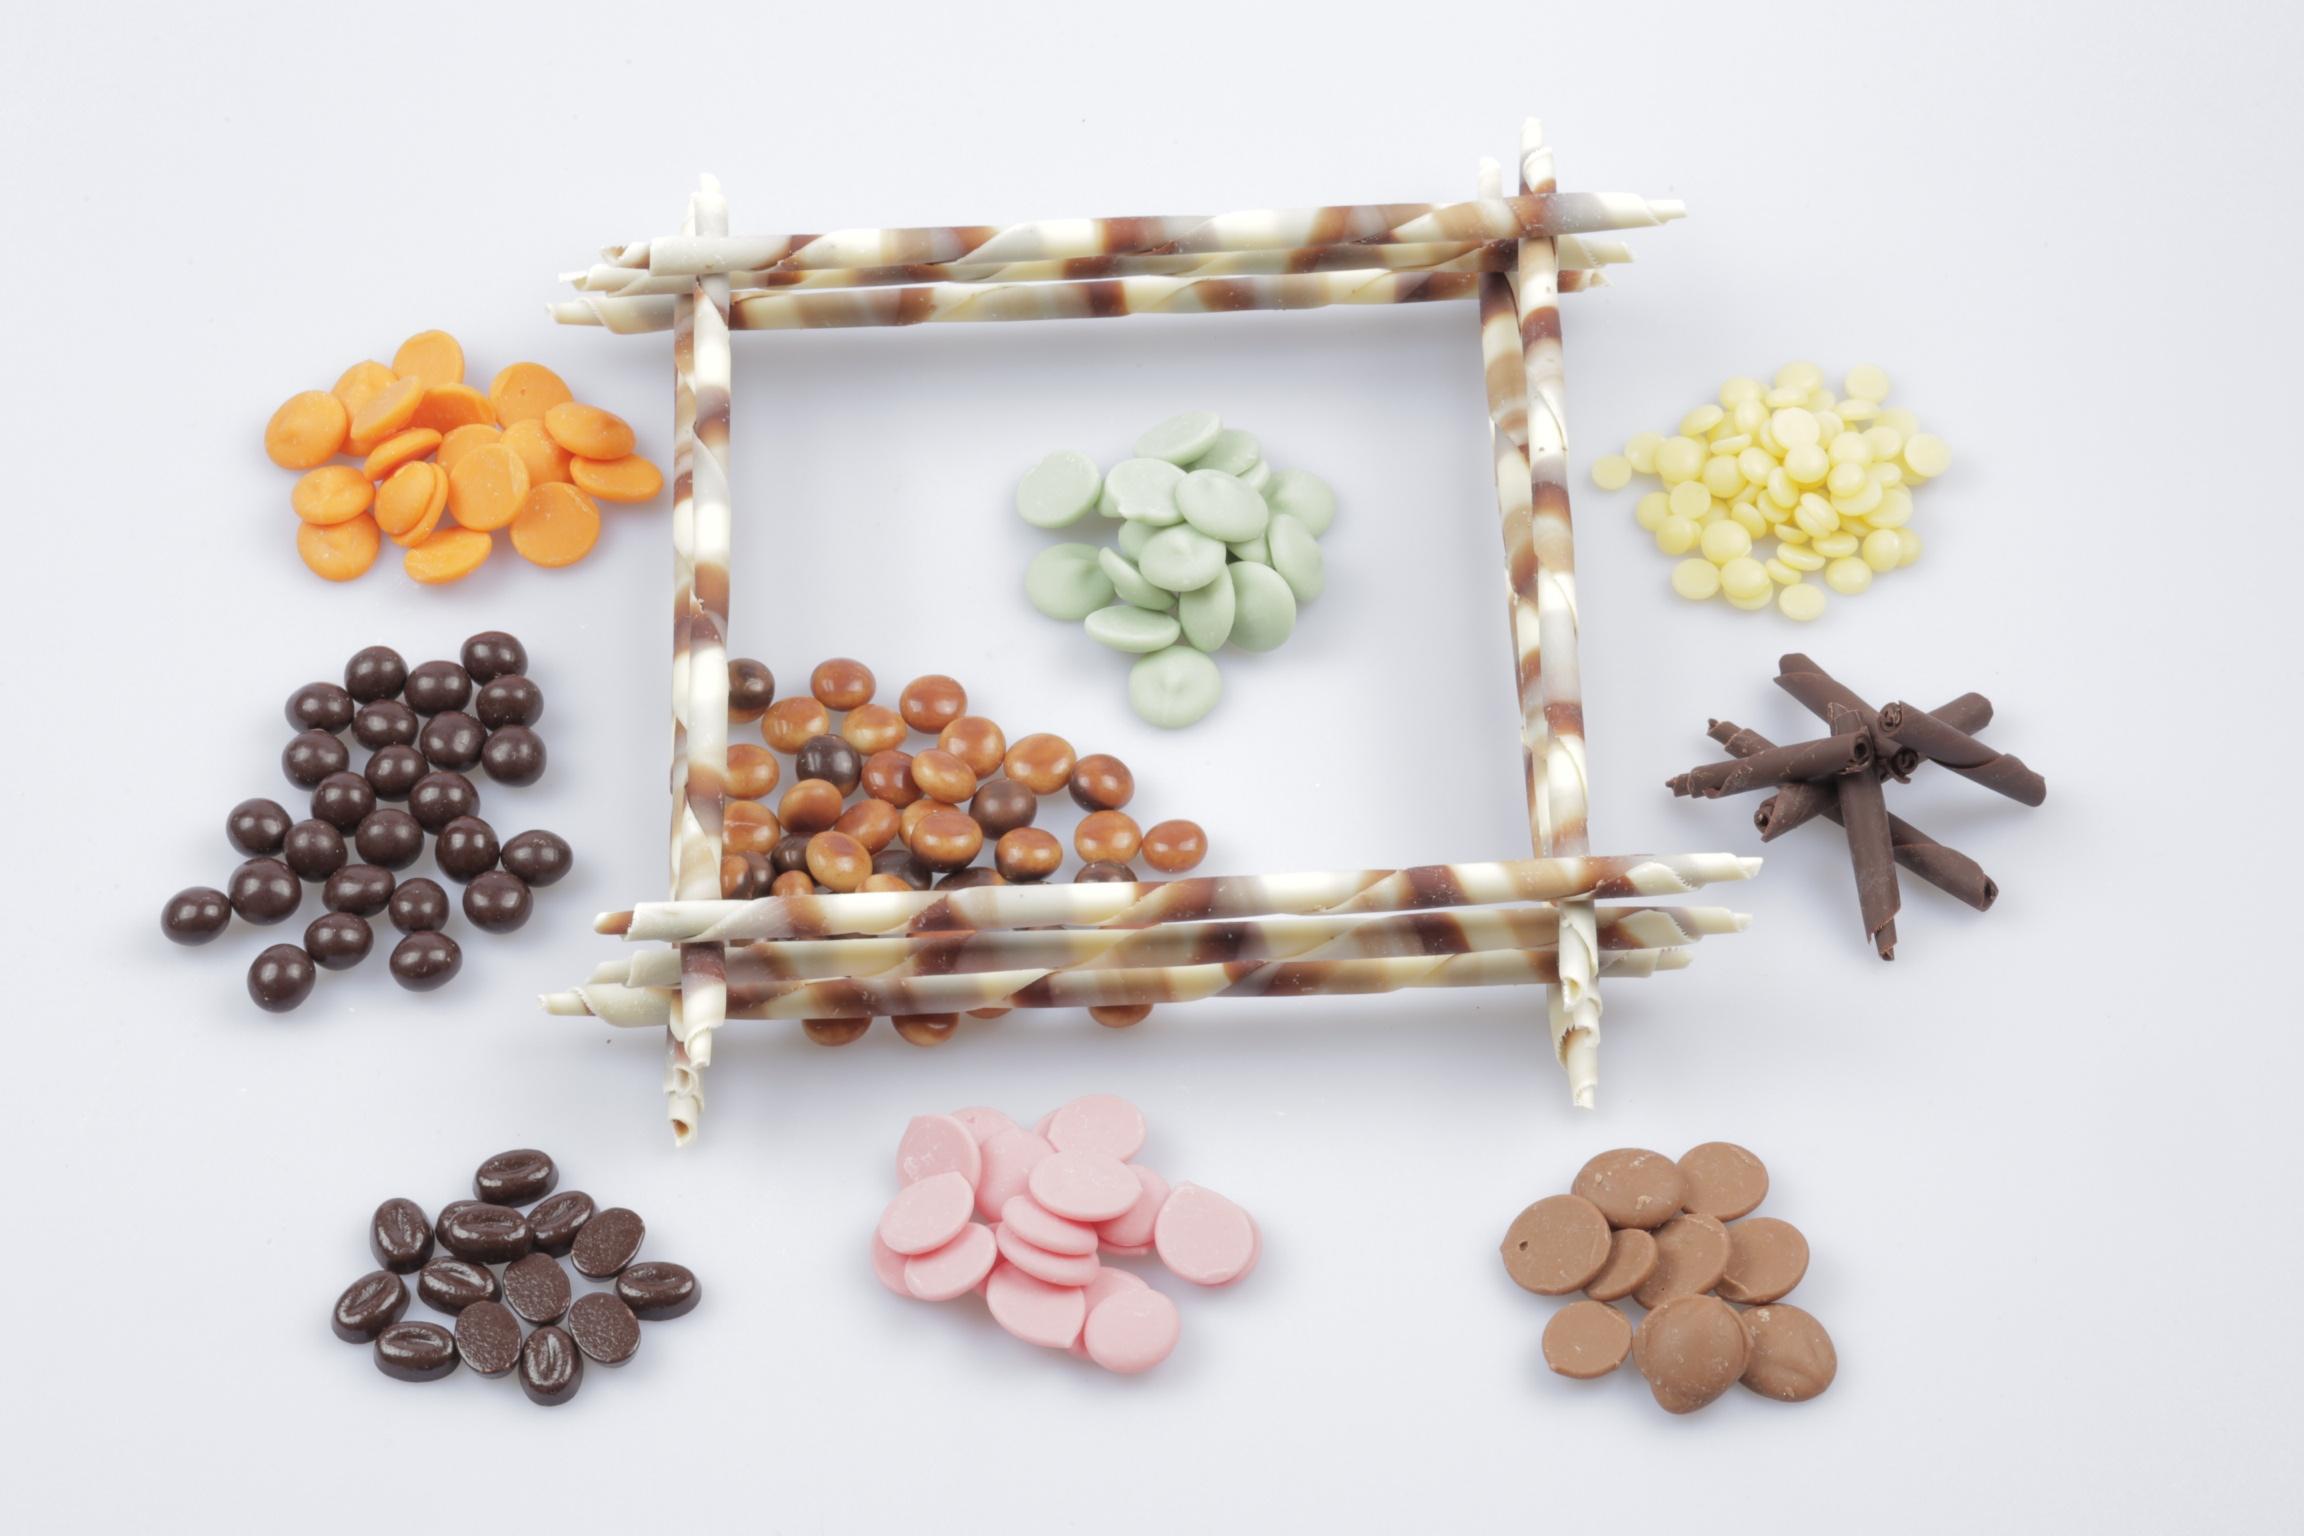 Настоящий шоколад из Италии и Бельгии. Готовим подарки к Новому году! Новые и старые галереи!